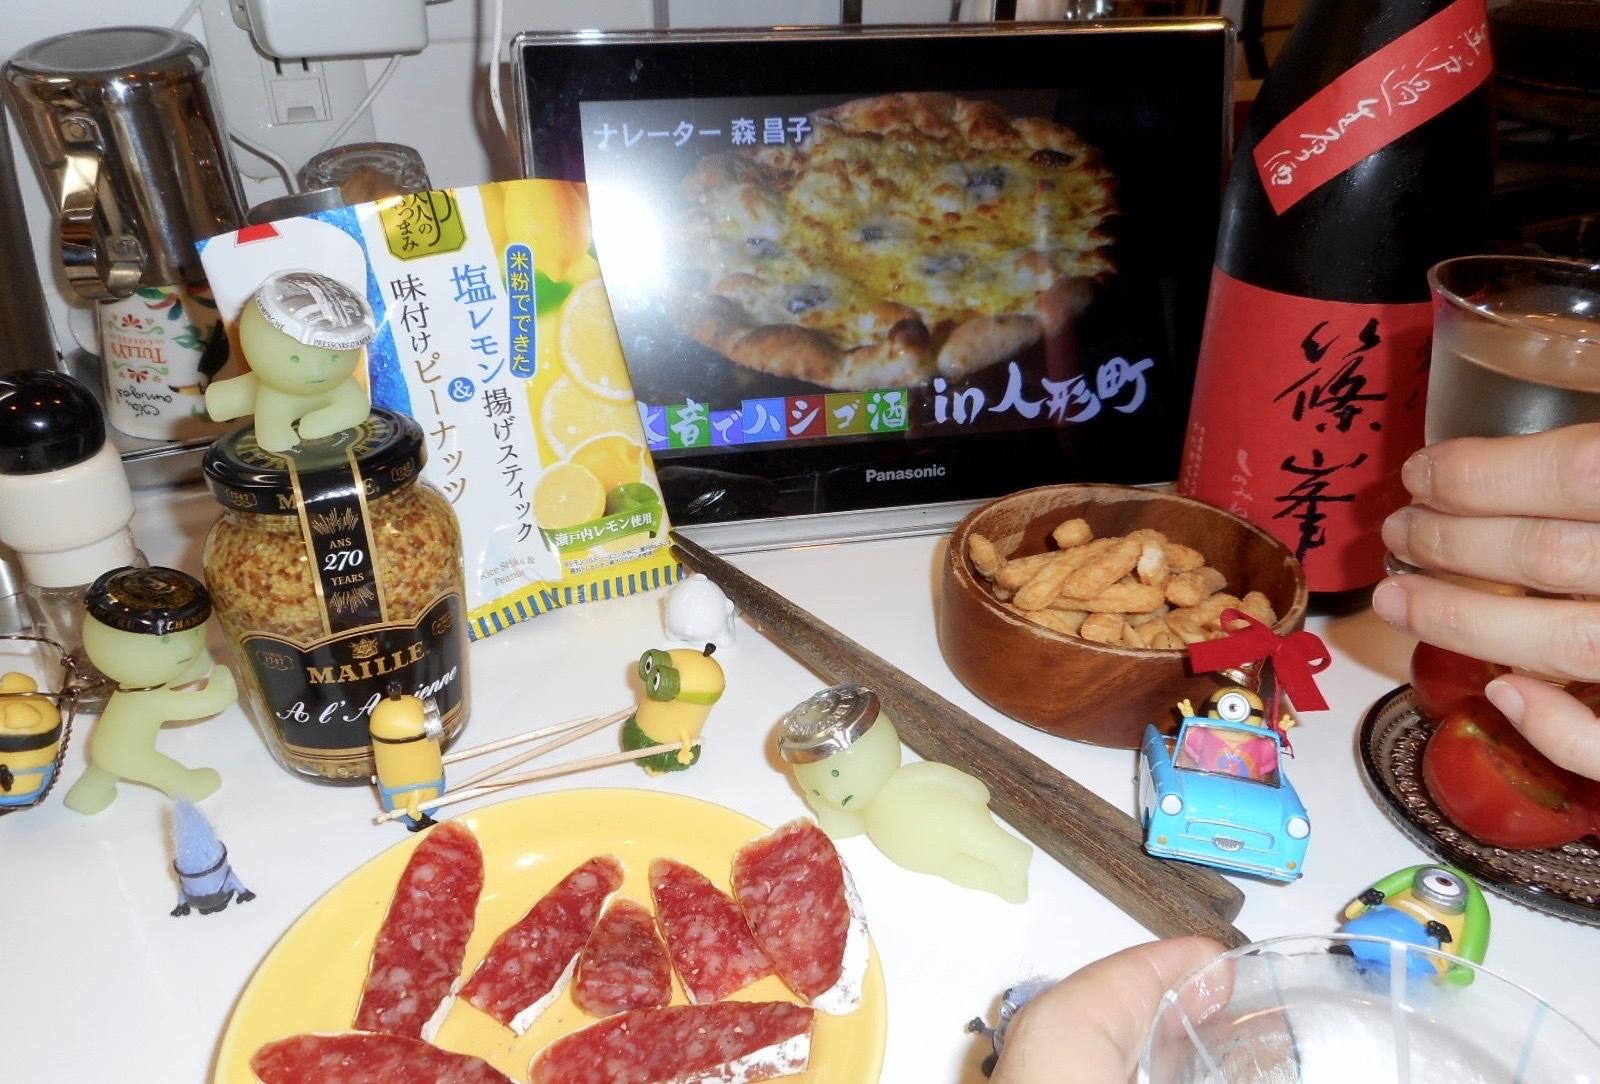 shinomine_aiyama45nama27by4.jpg